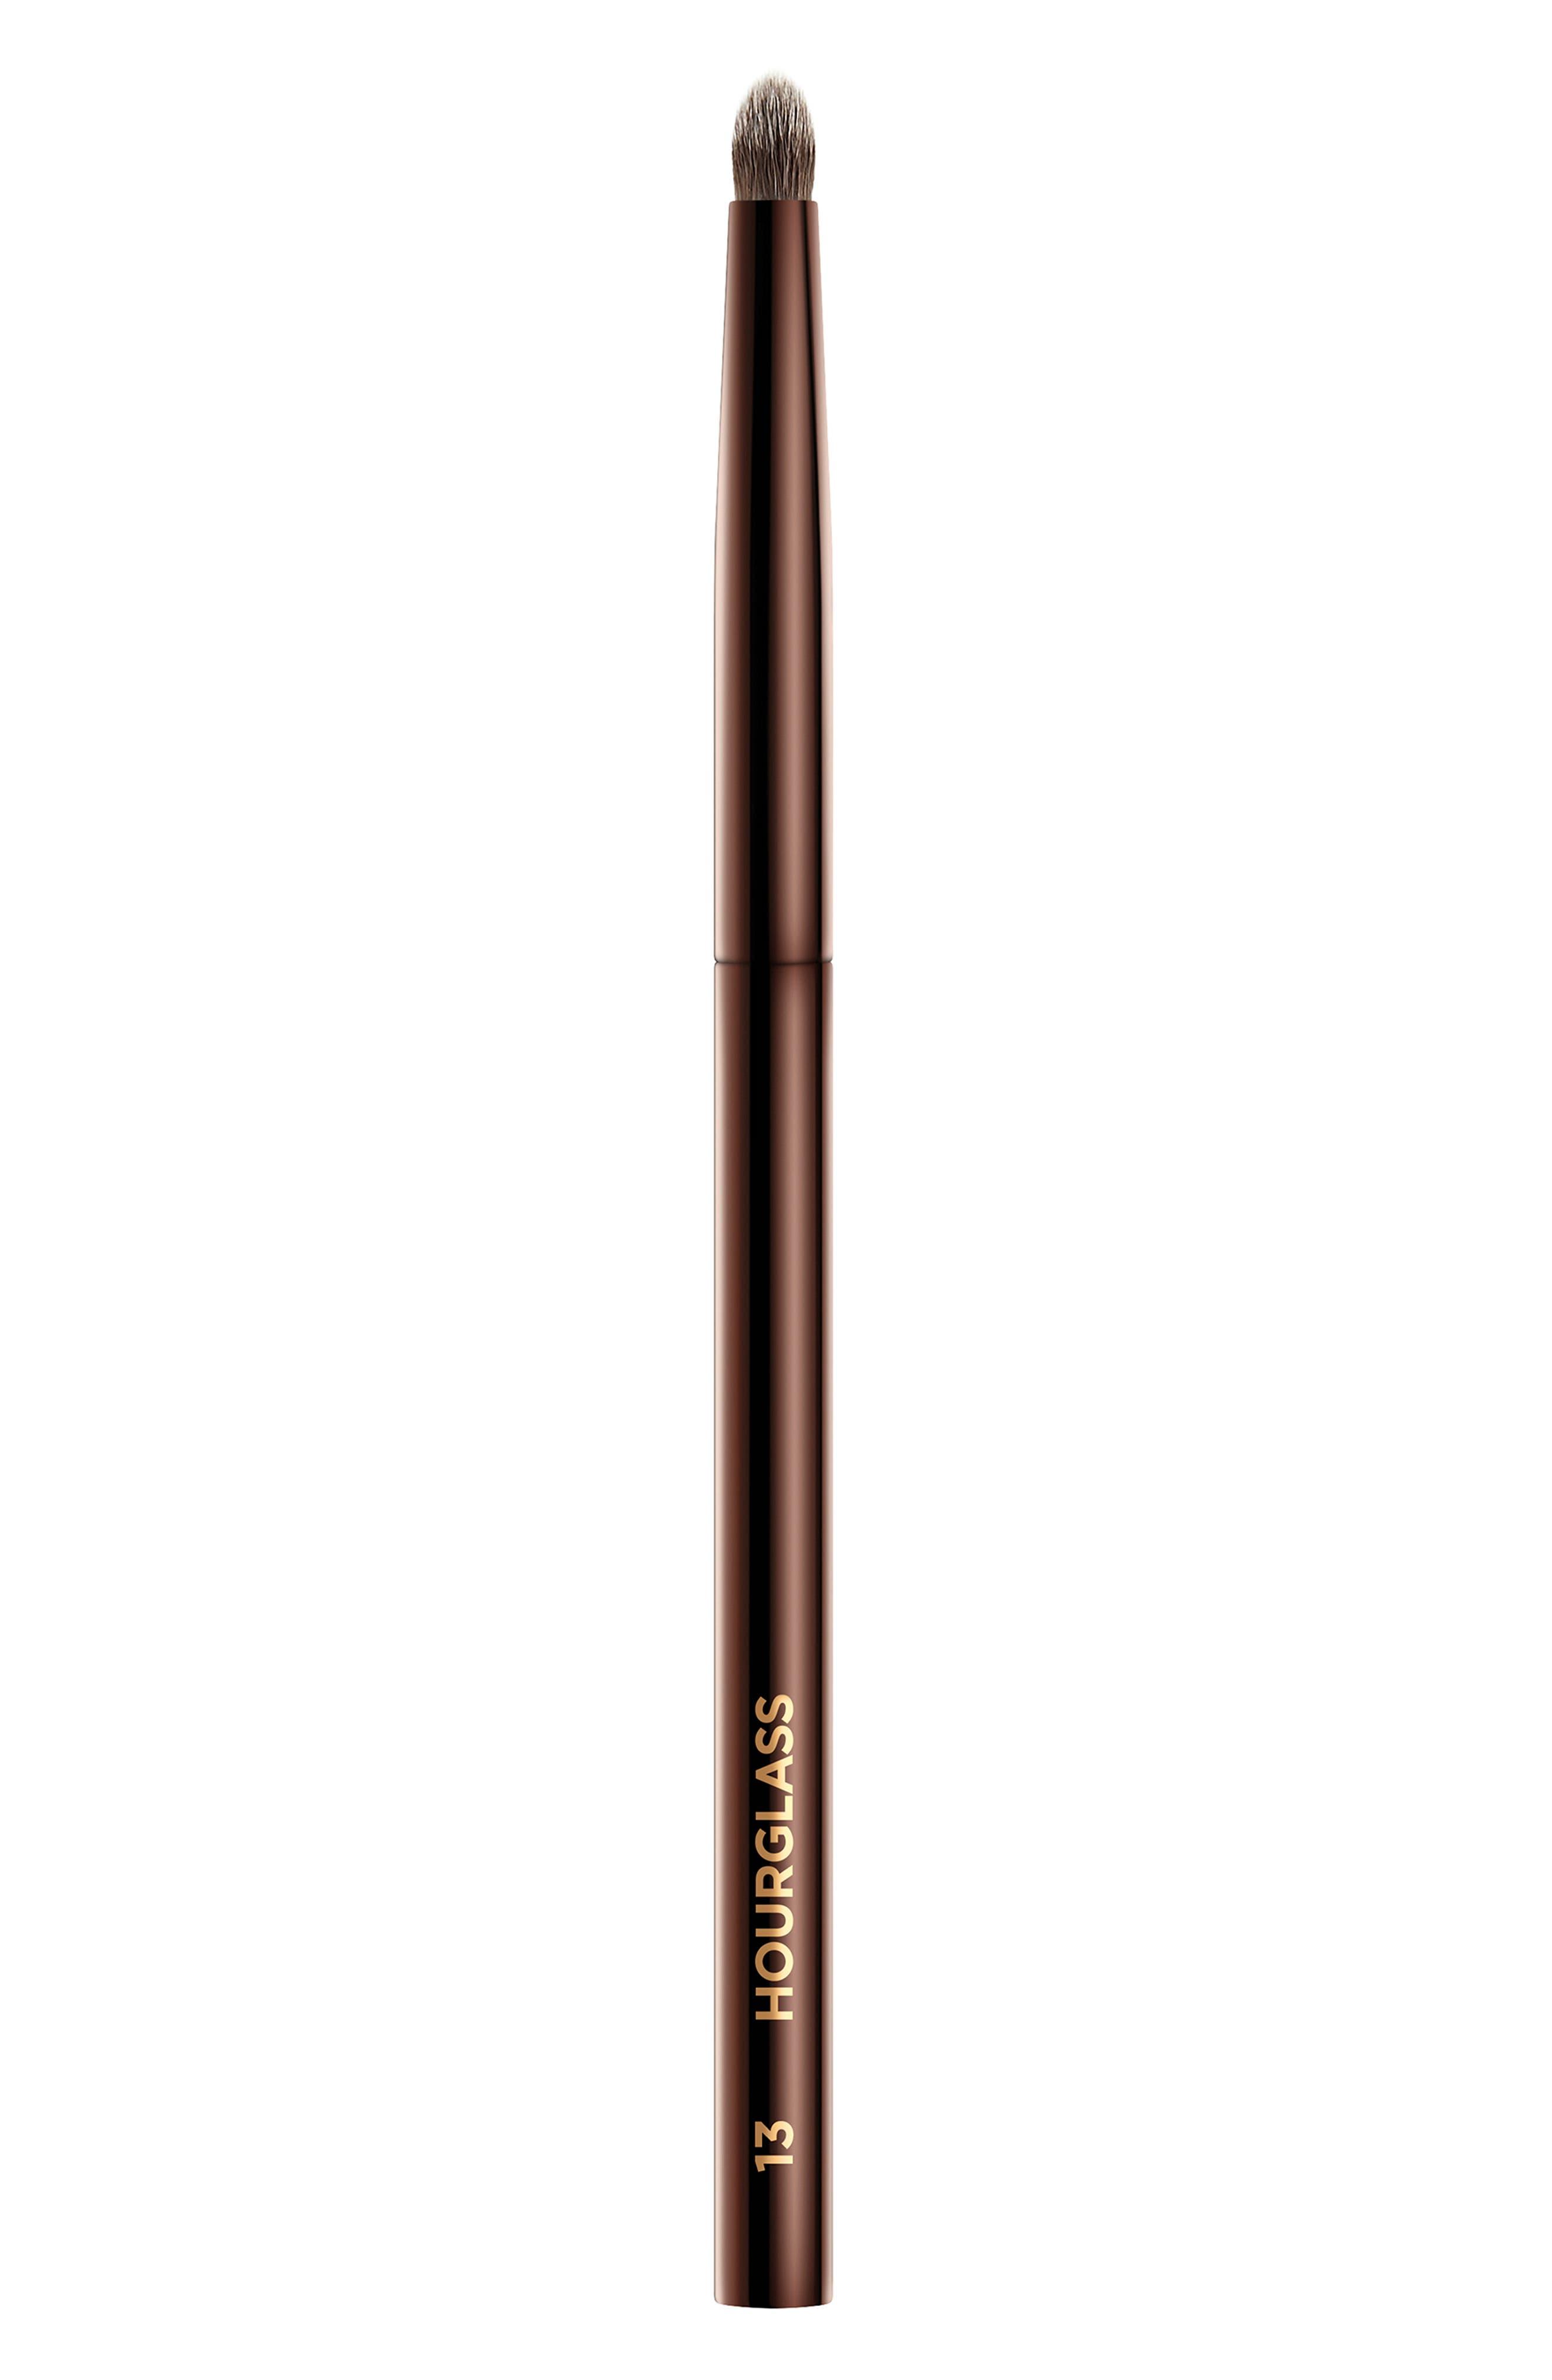 No. 13 Precision Smudge Brush